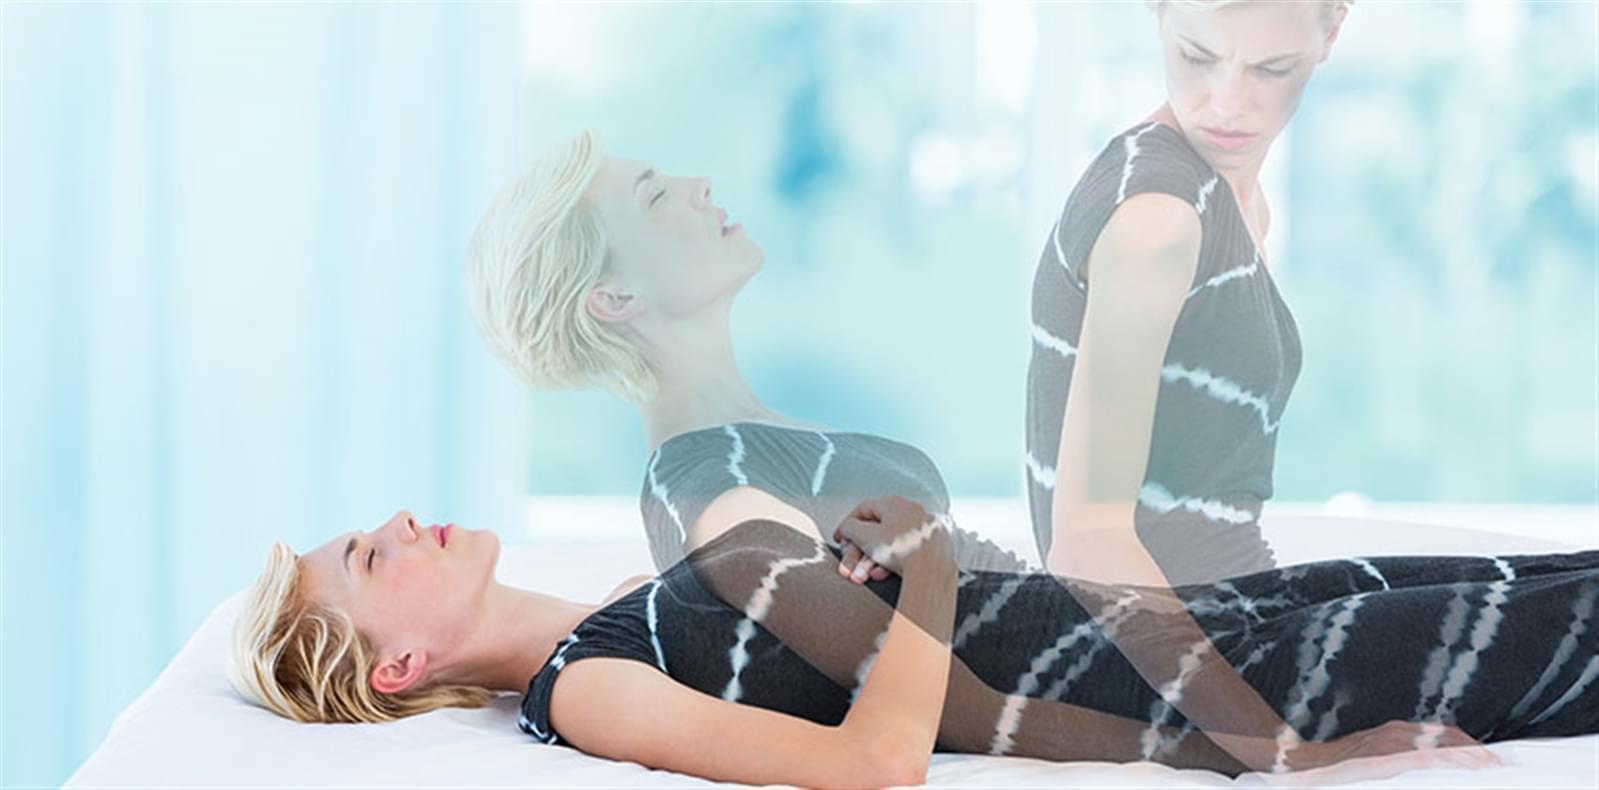 seminario-il-corpo-astrale-e-la-sua-dimensione-principale.i58275-krnYhZ-w1